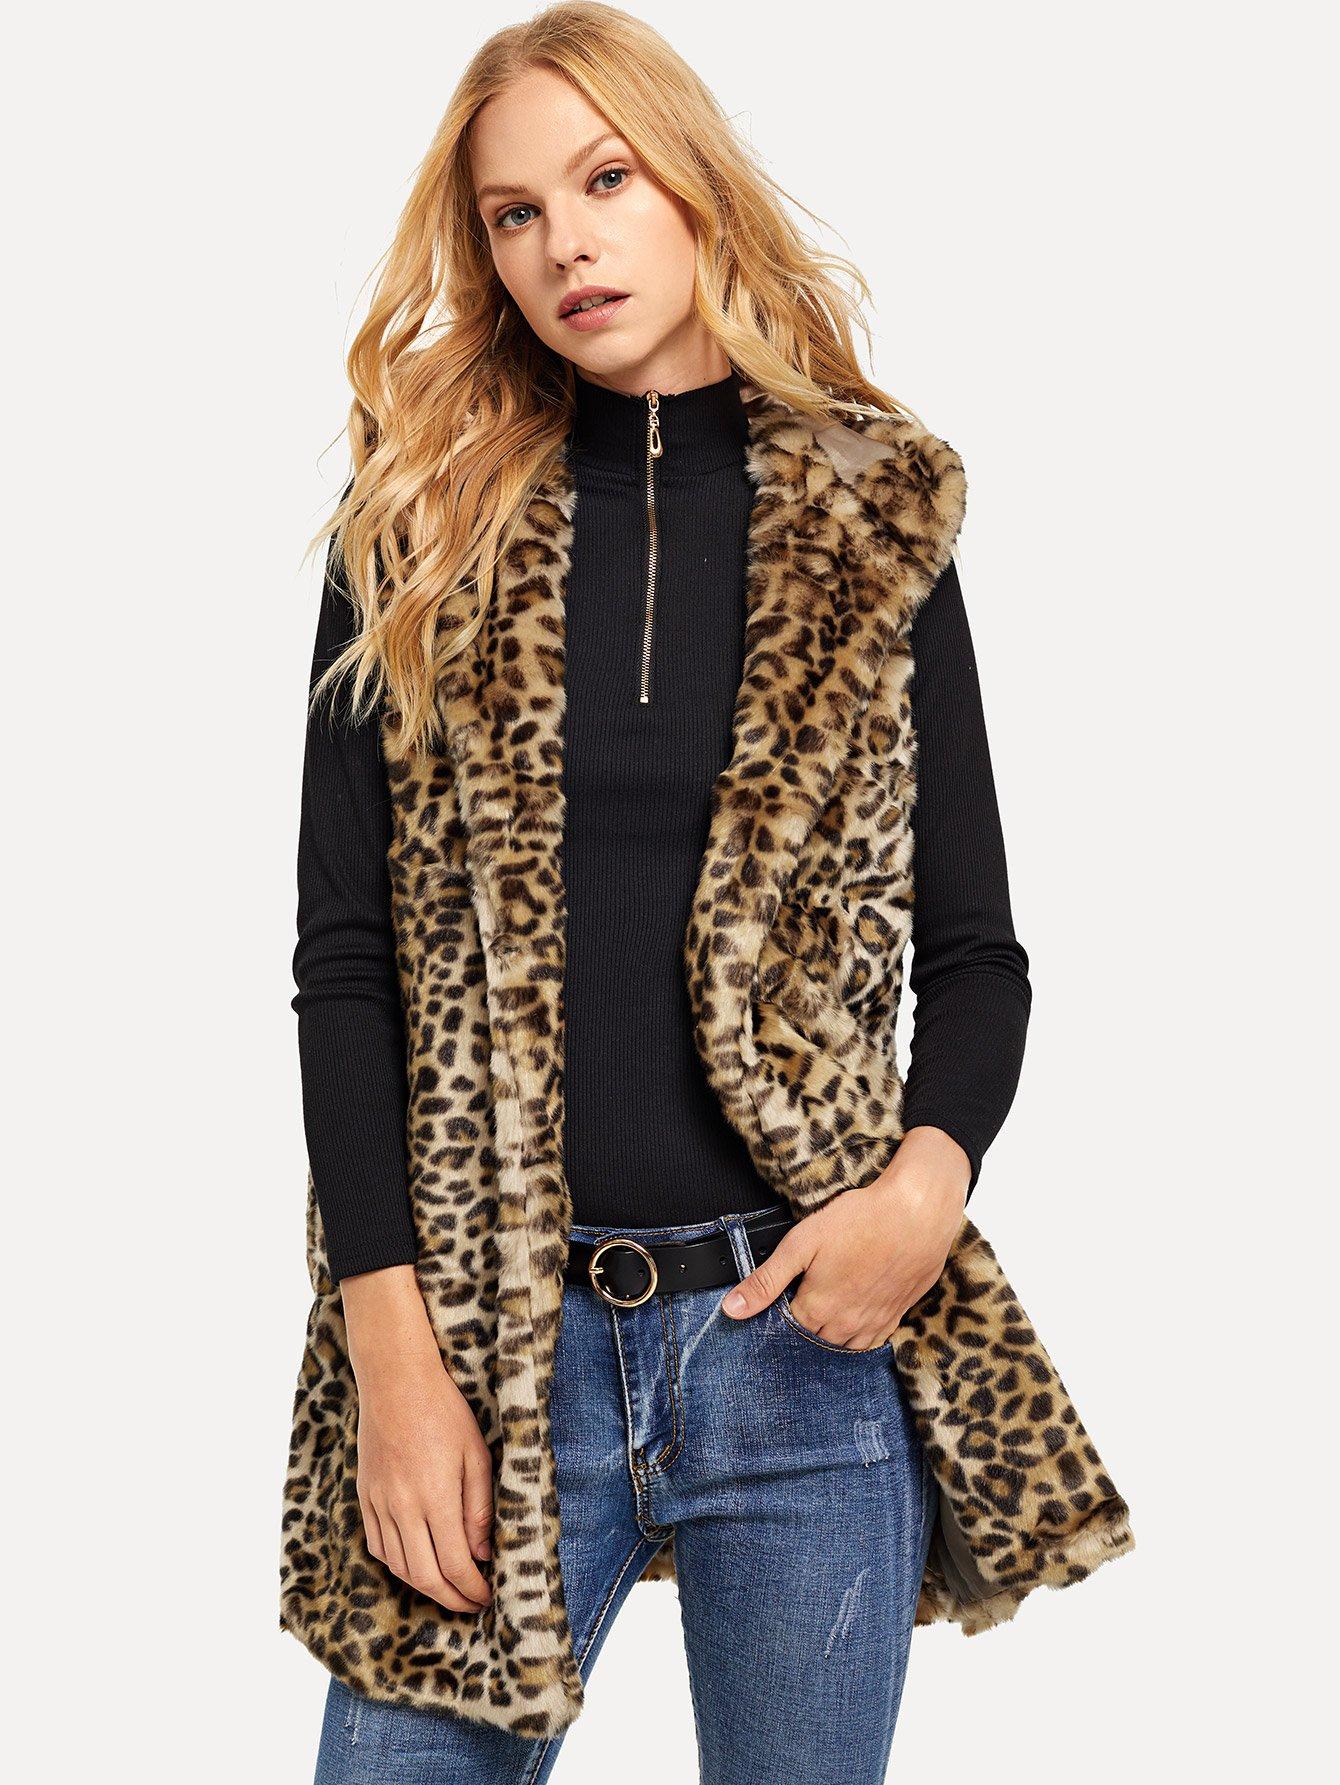 Купить Топ худи леопард, Denisa, SheIn